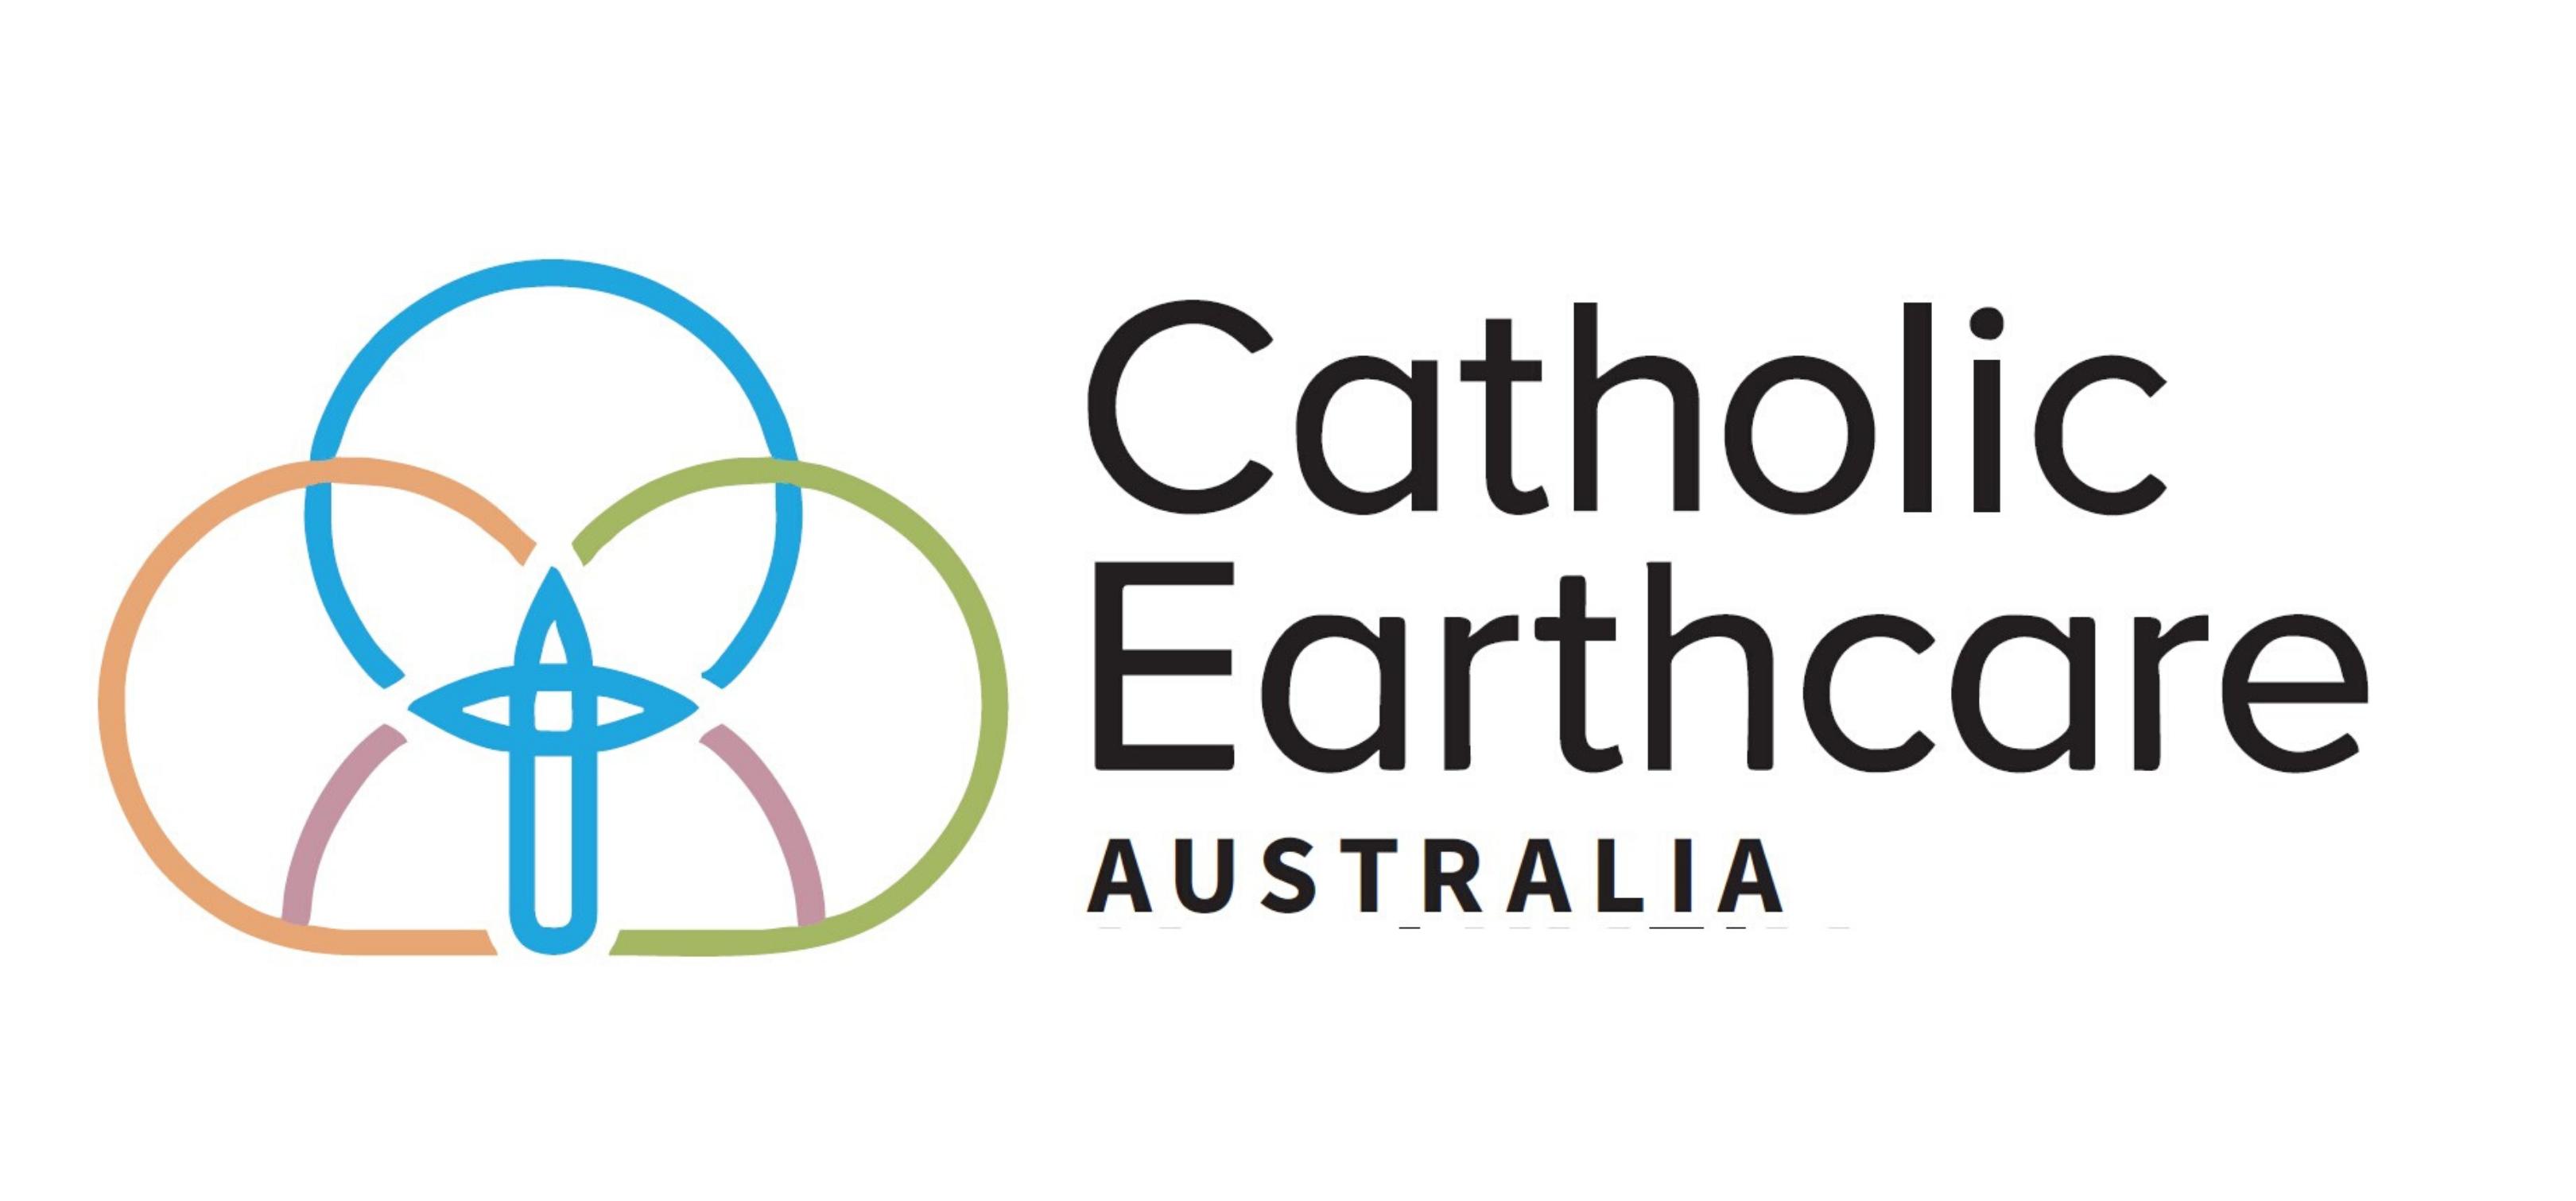 Catholic Earthcare Australia